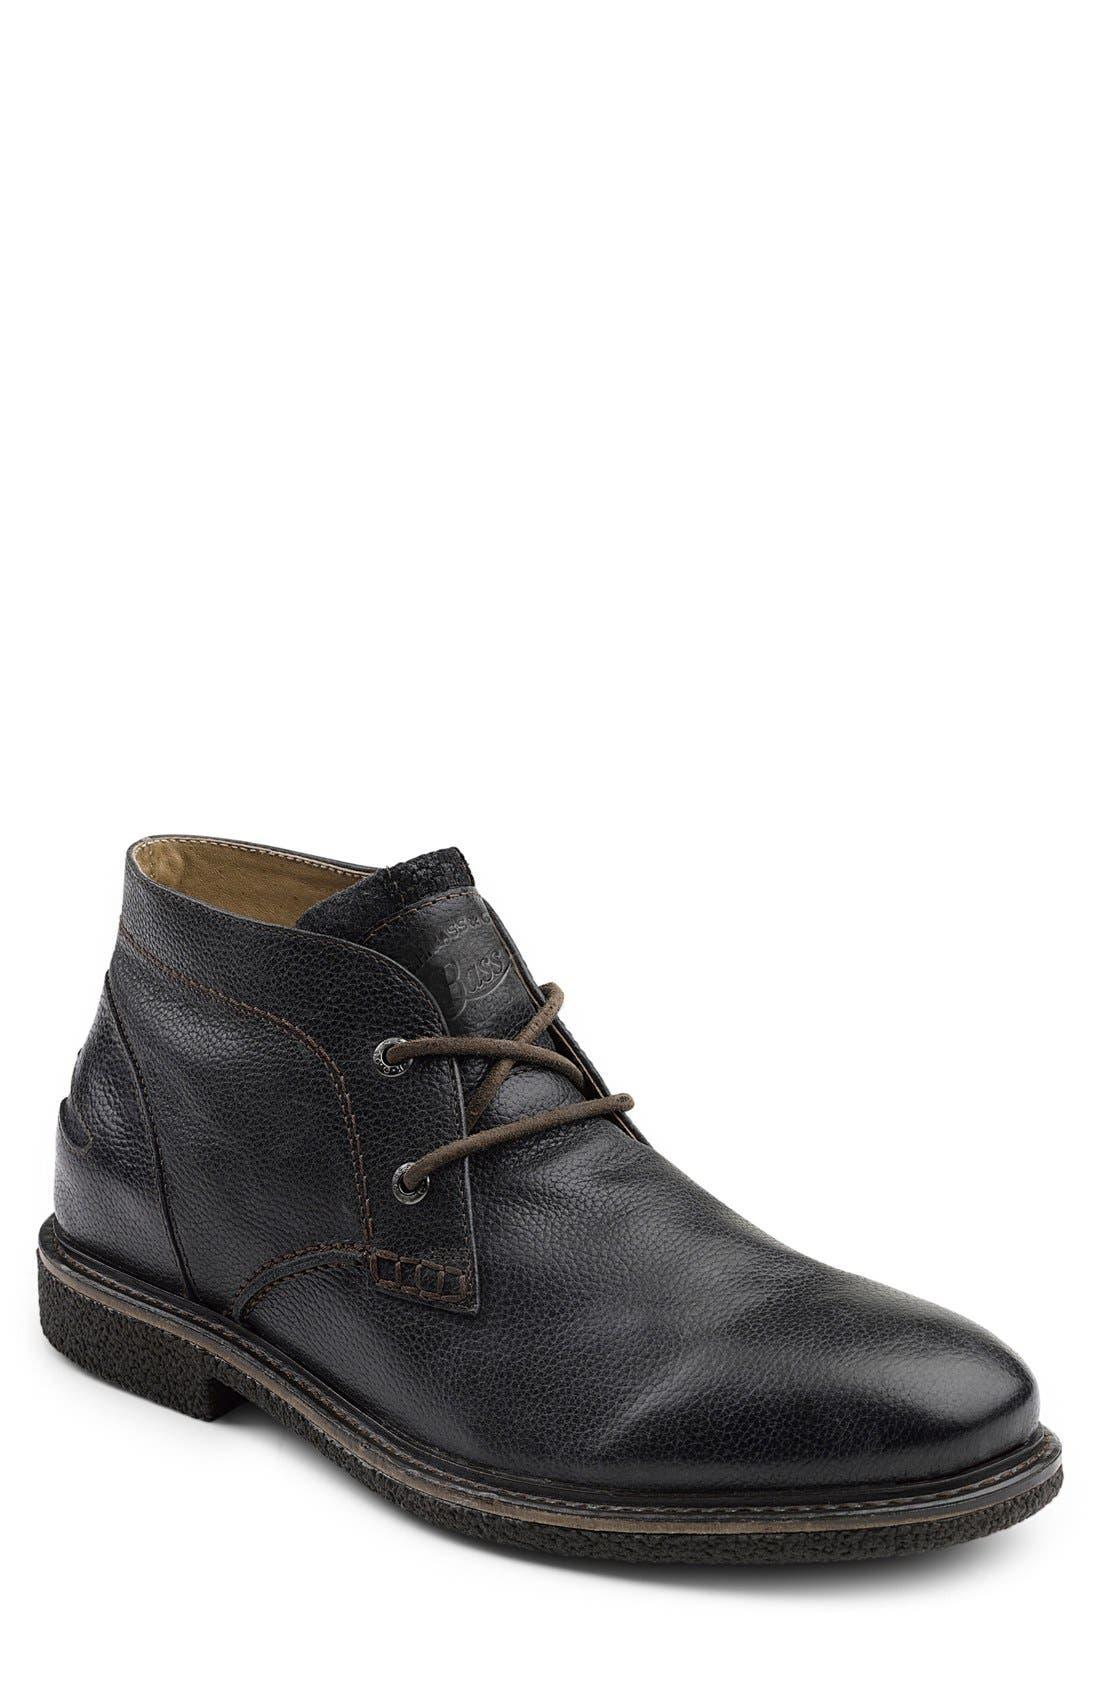 Alternate Image 1 Selected - G.H. Bass & Co. 'Bennett' Chukka Boot (Men)